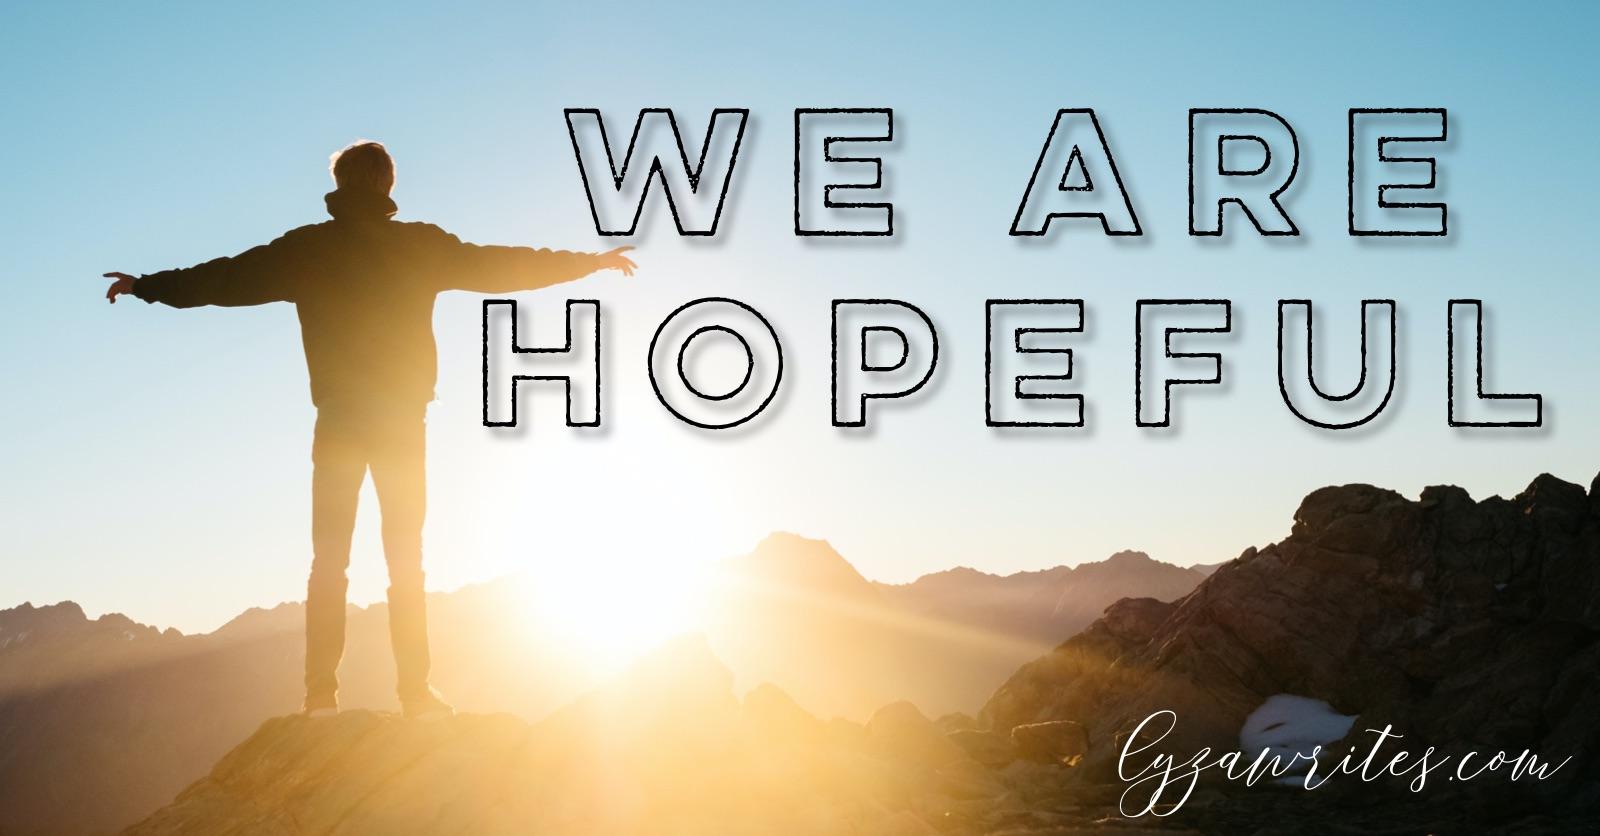 We Are Hopeful